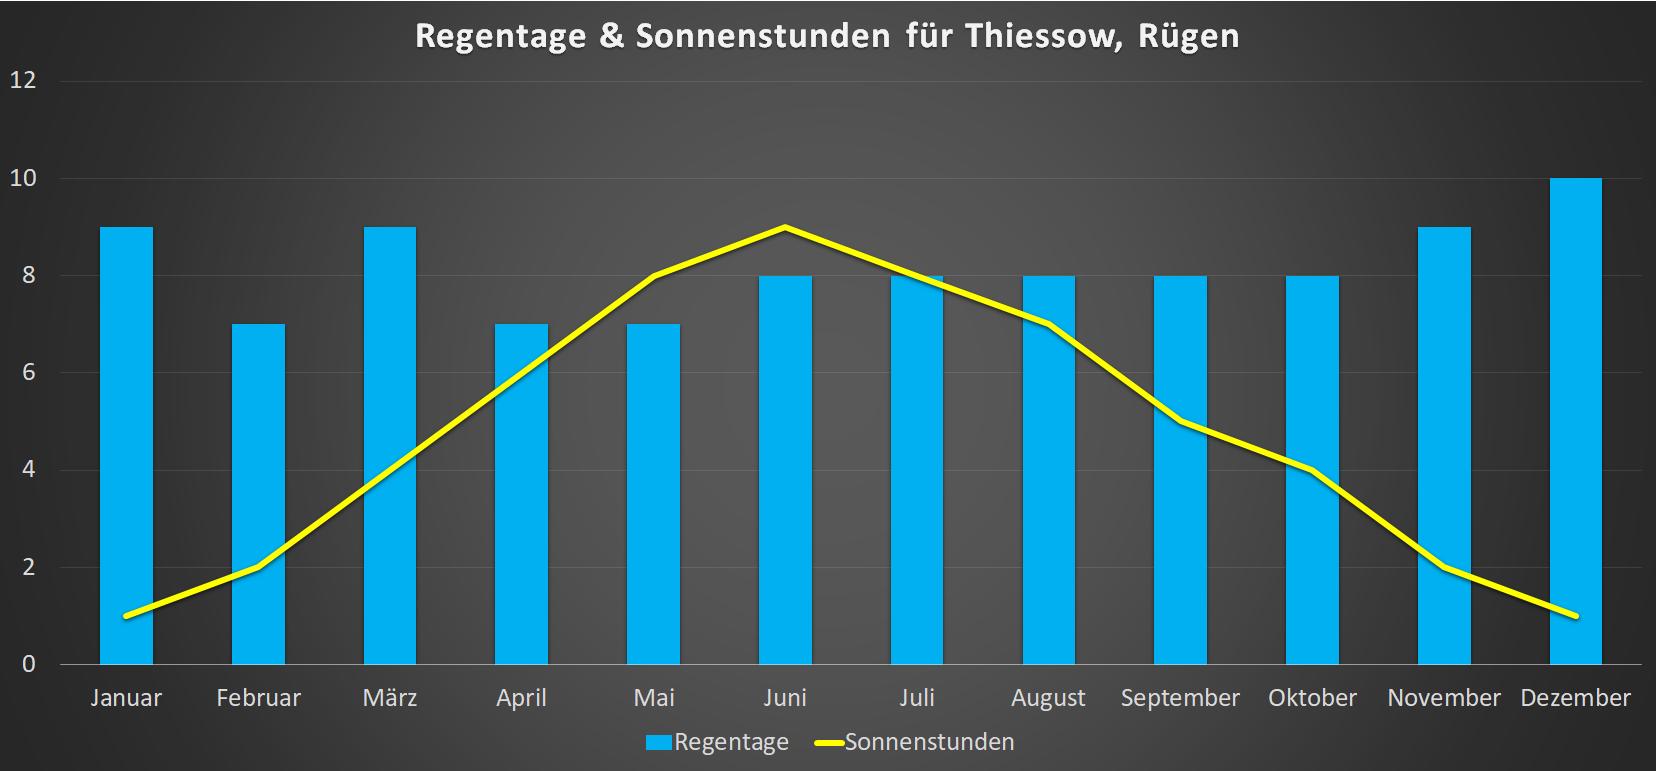 Regentage & Sonnenstunden für Thiessow im Jahresverlauf